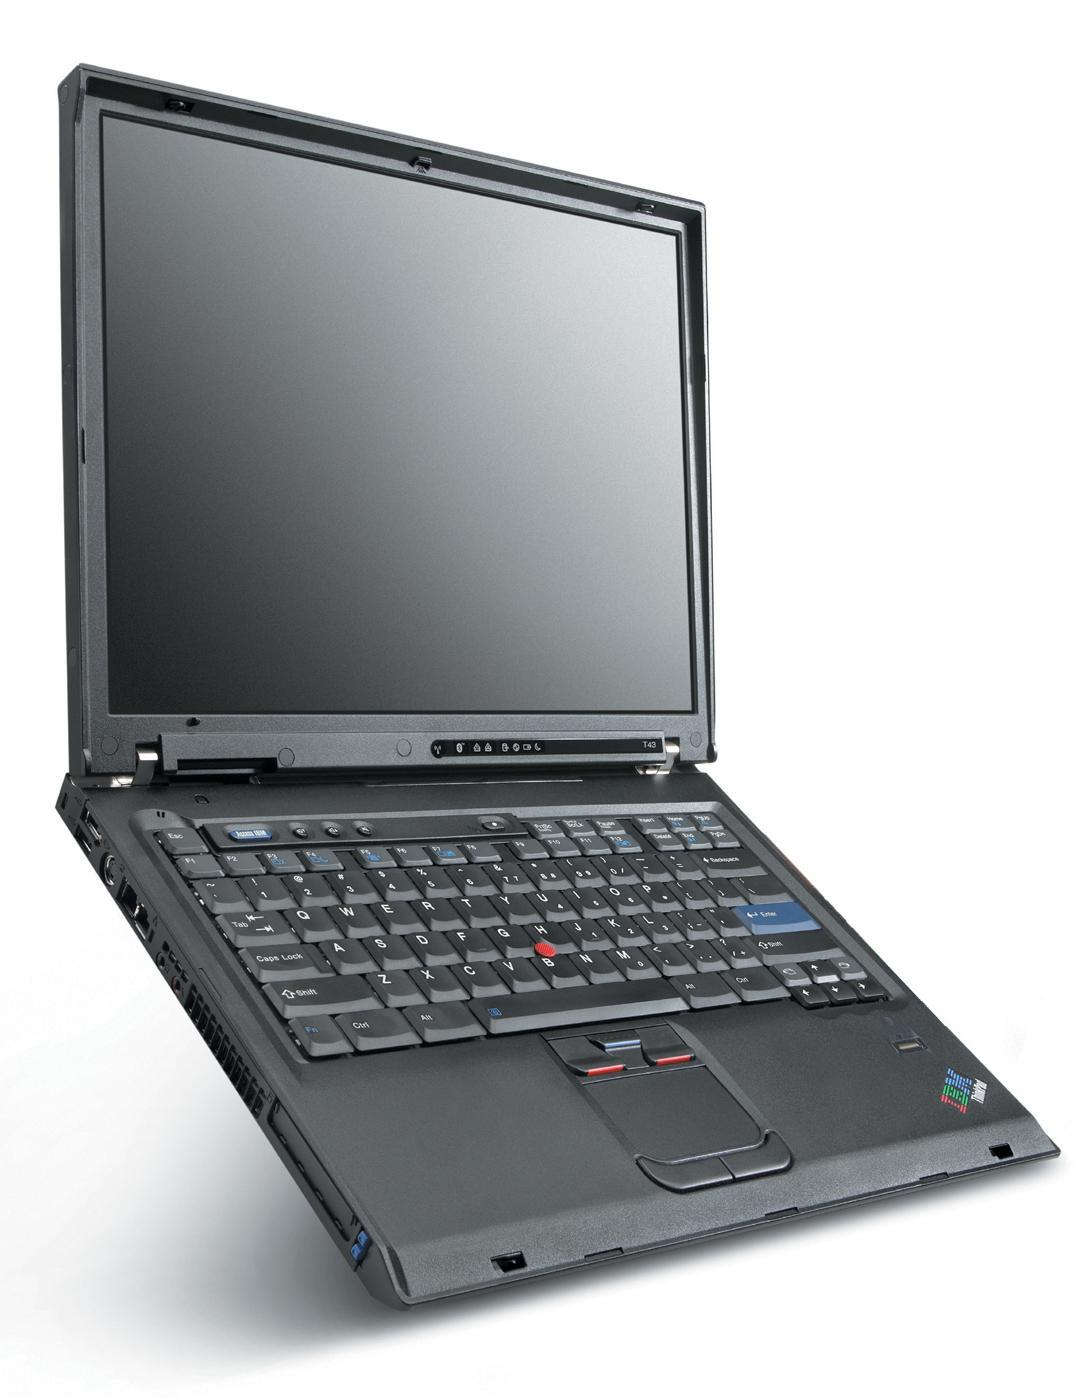 Как включить встроенную веб камеру на ноутбуке lenovo